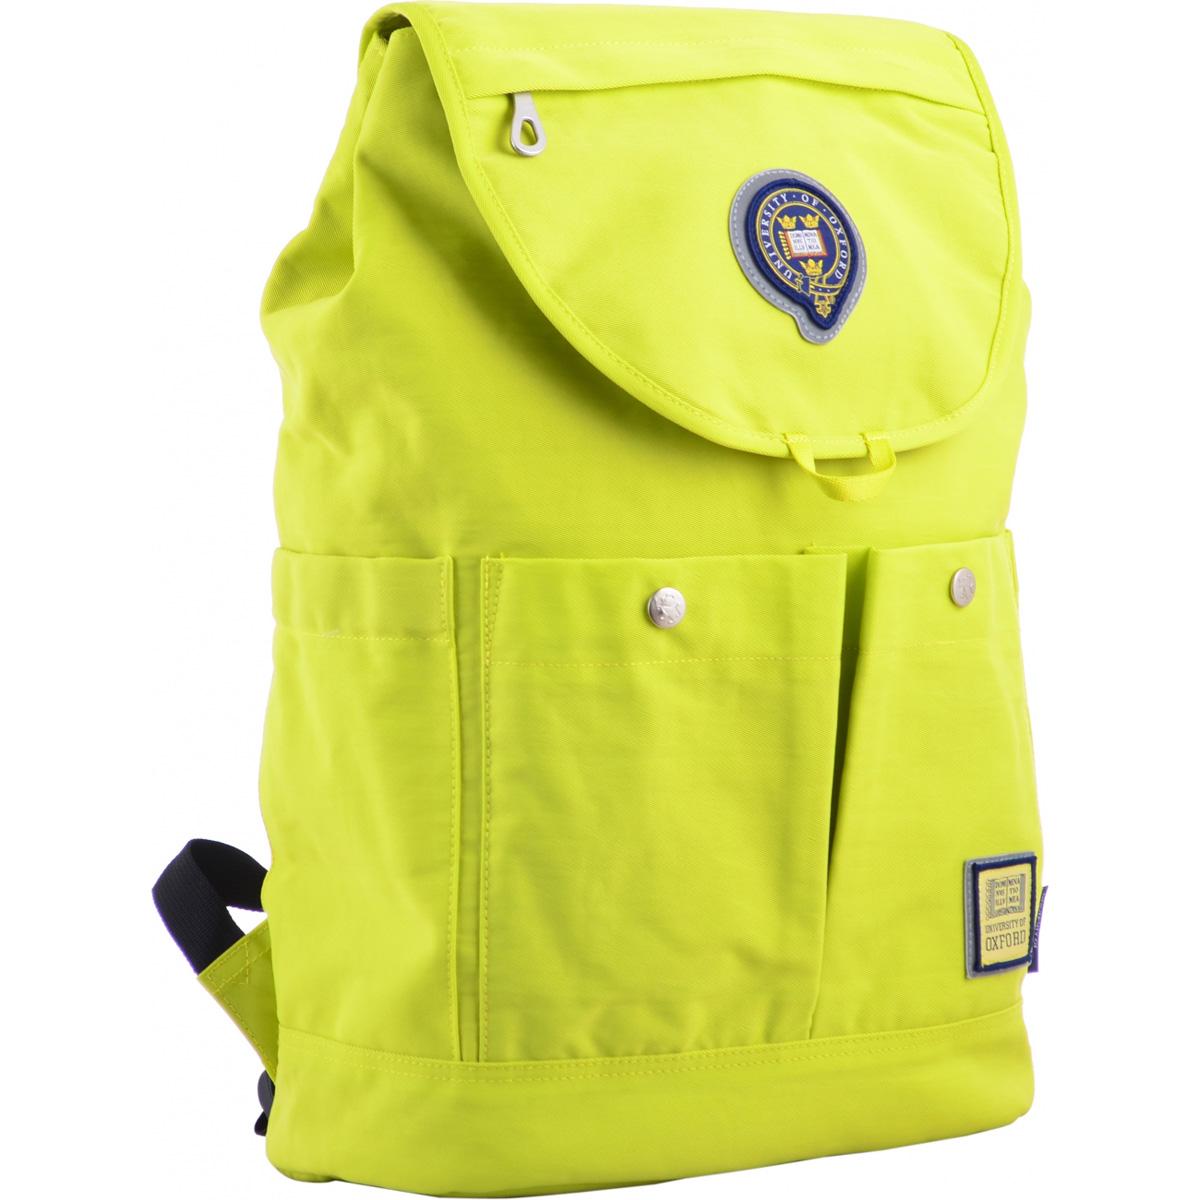 Рюкзак молодежный OX 414, 43.5*31*16, салатовый